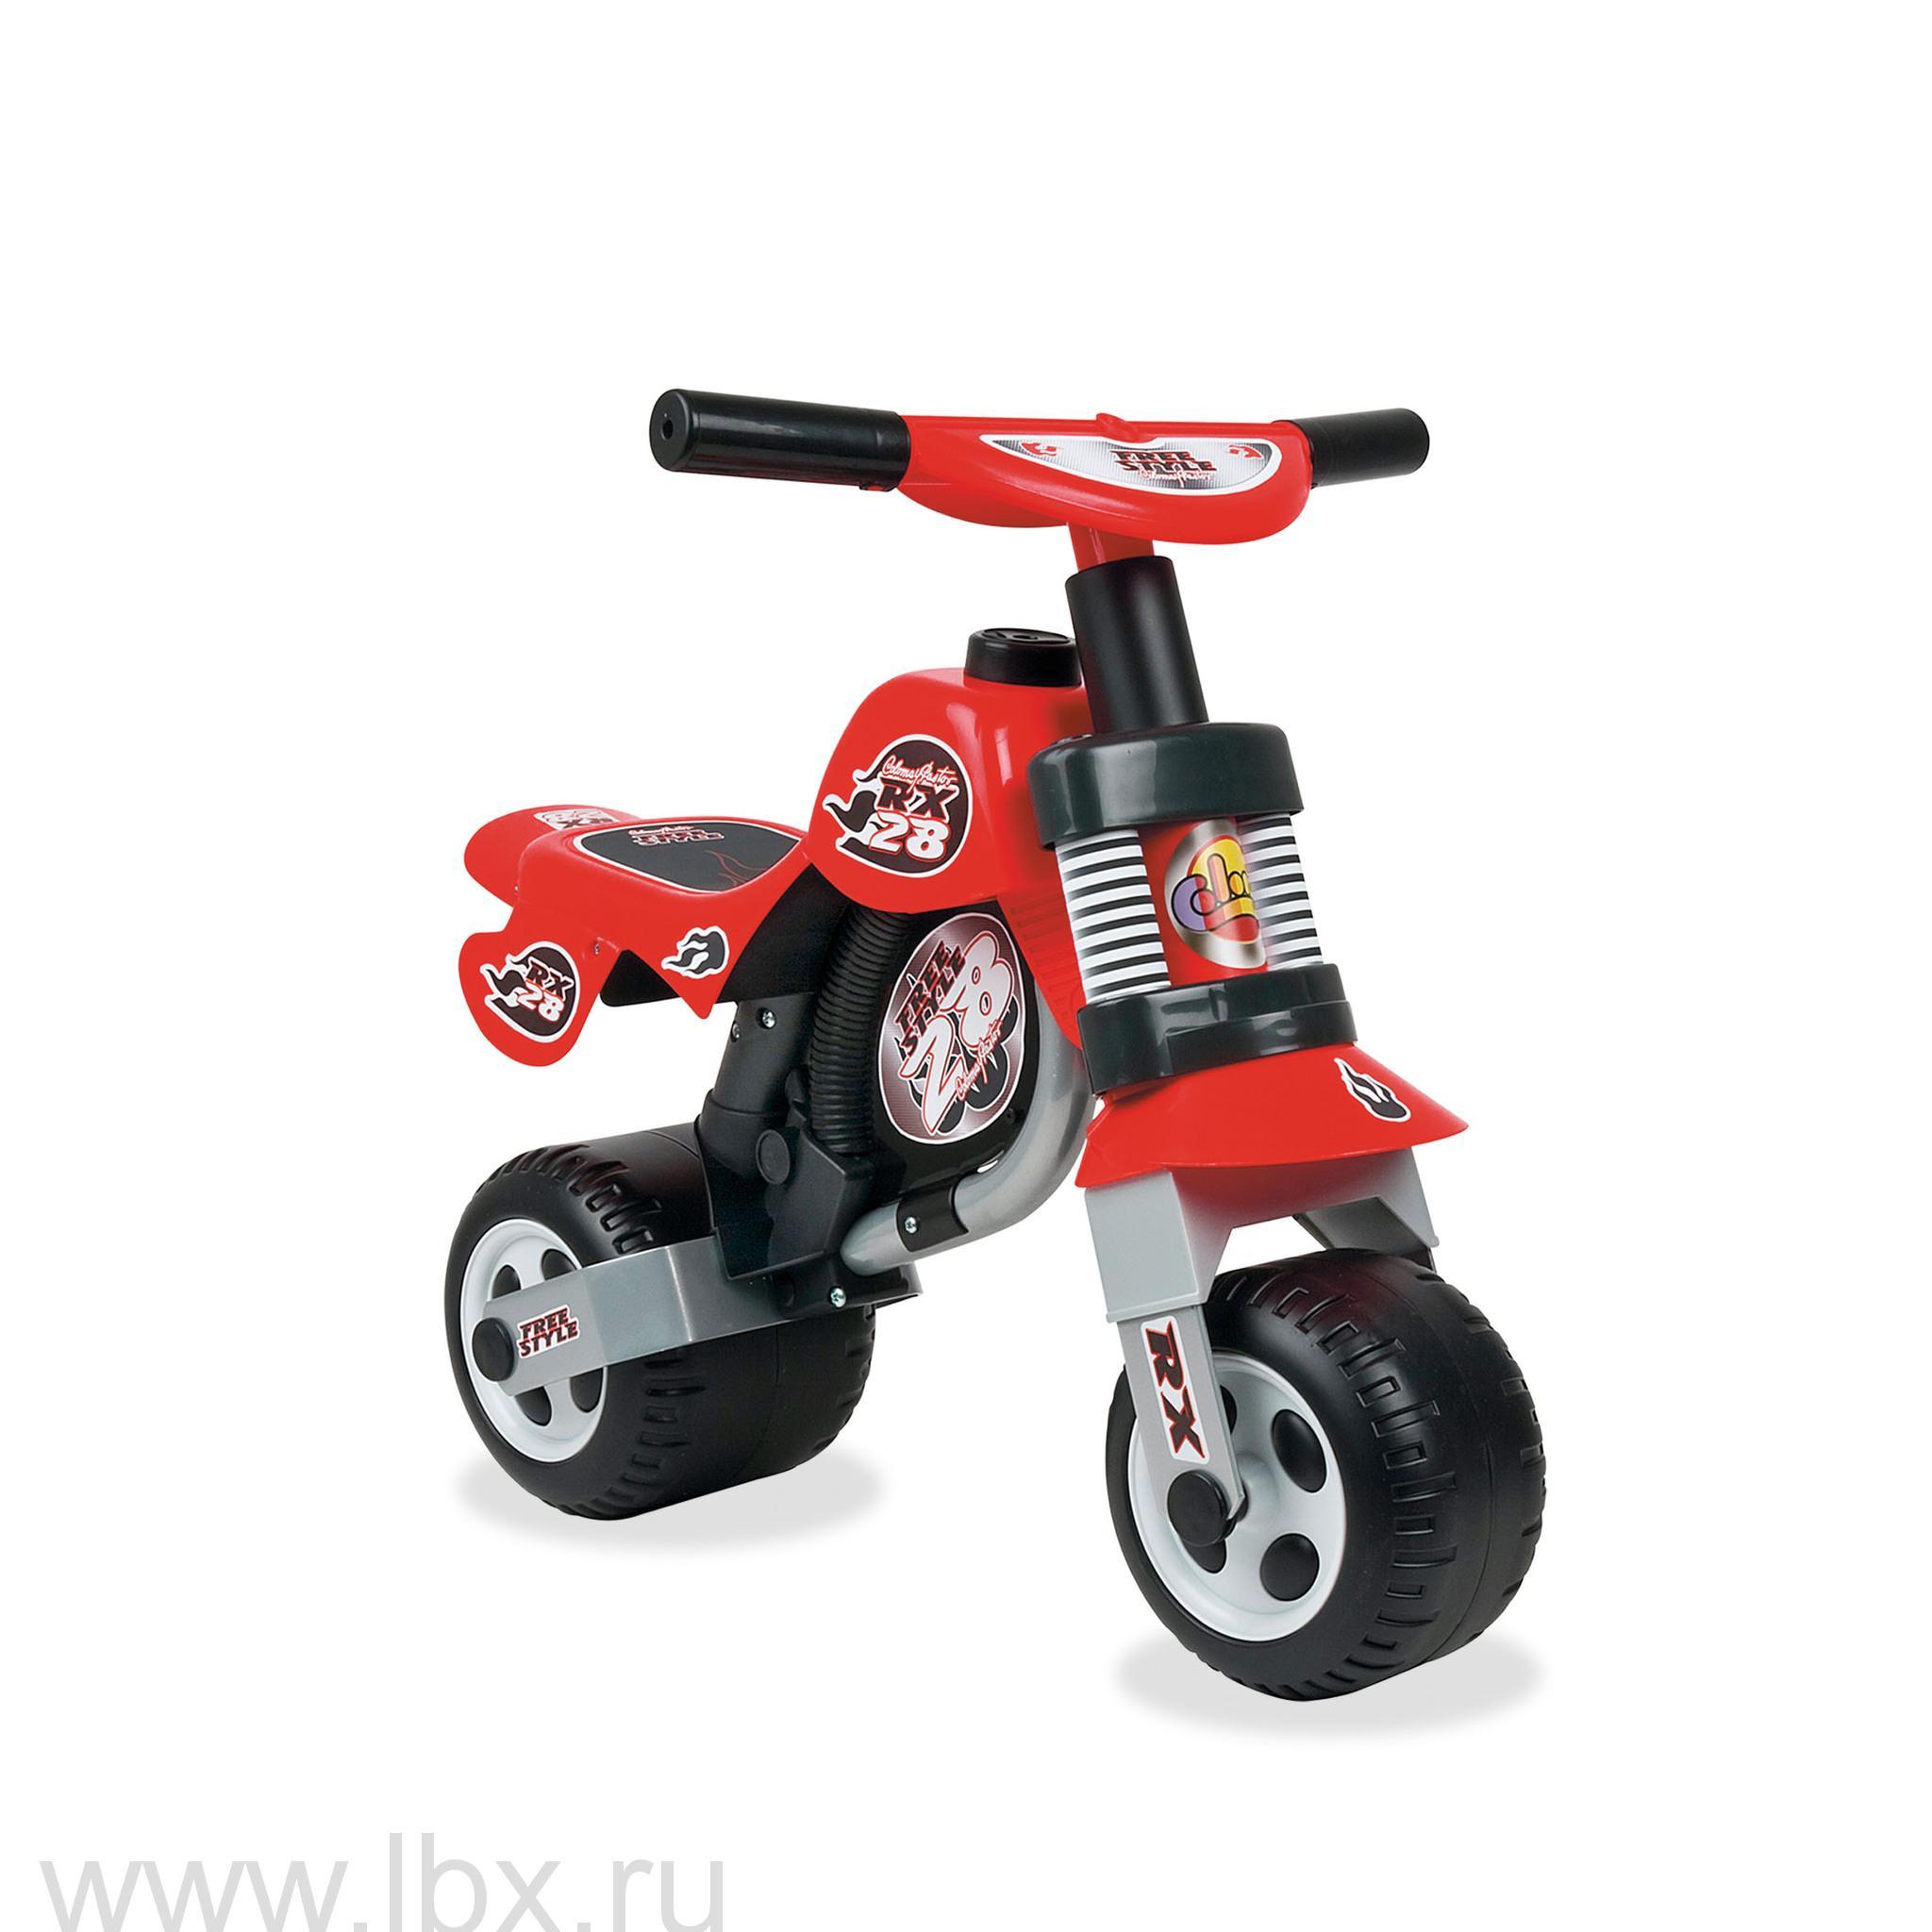 Каталка Coloma Moto Cross 308, Coloma (Колома)